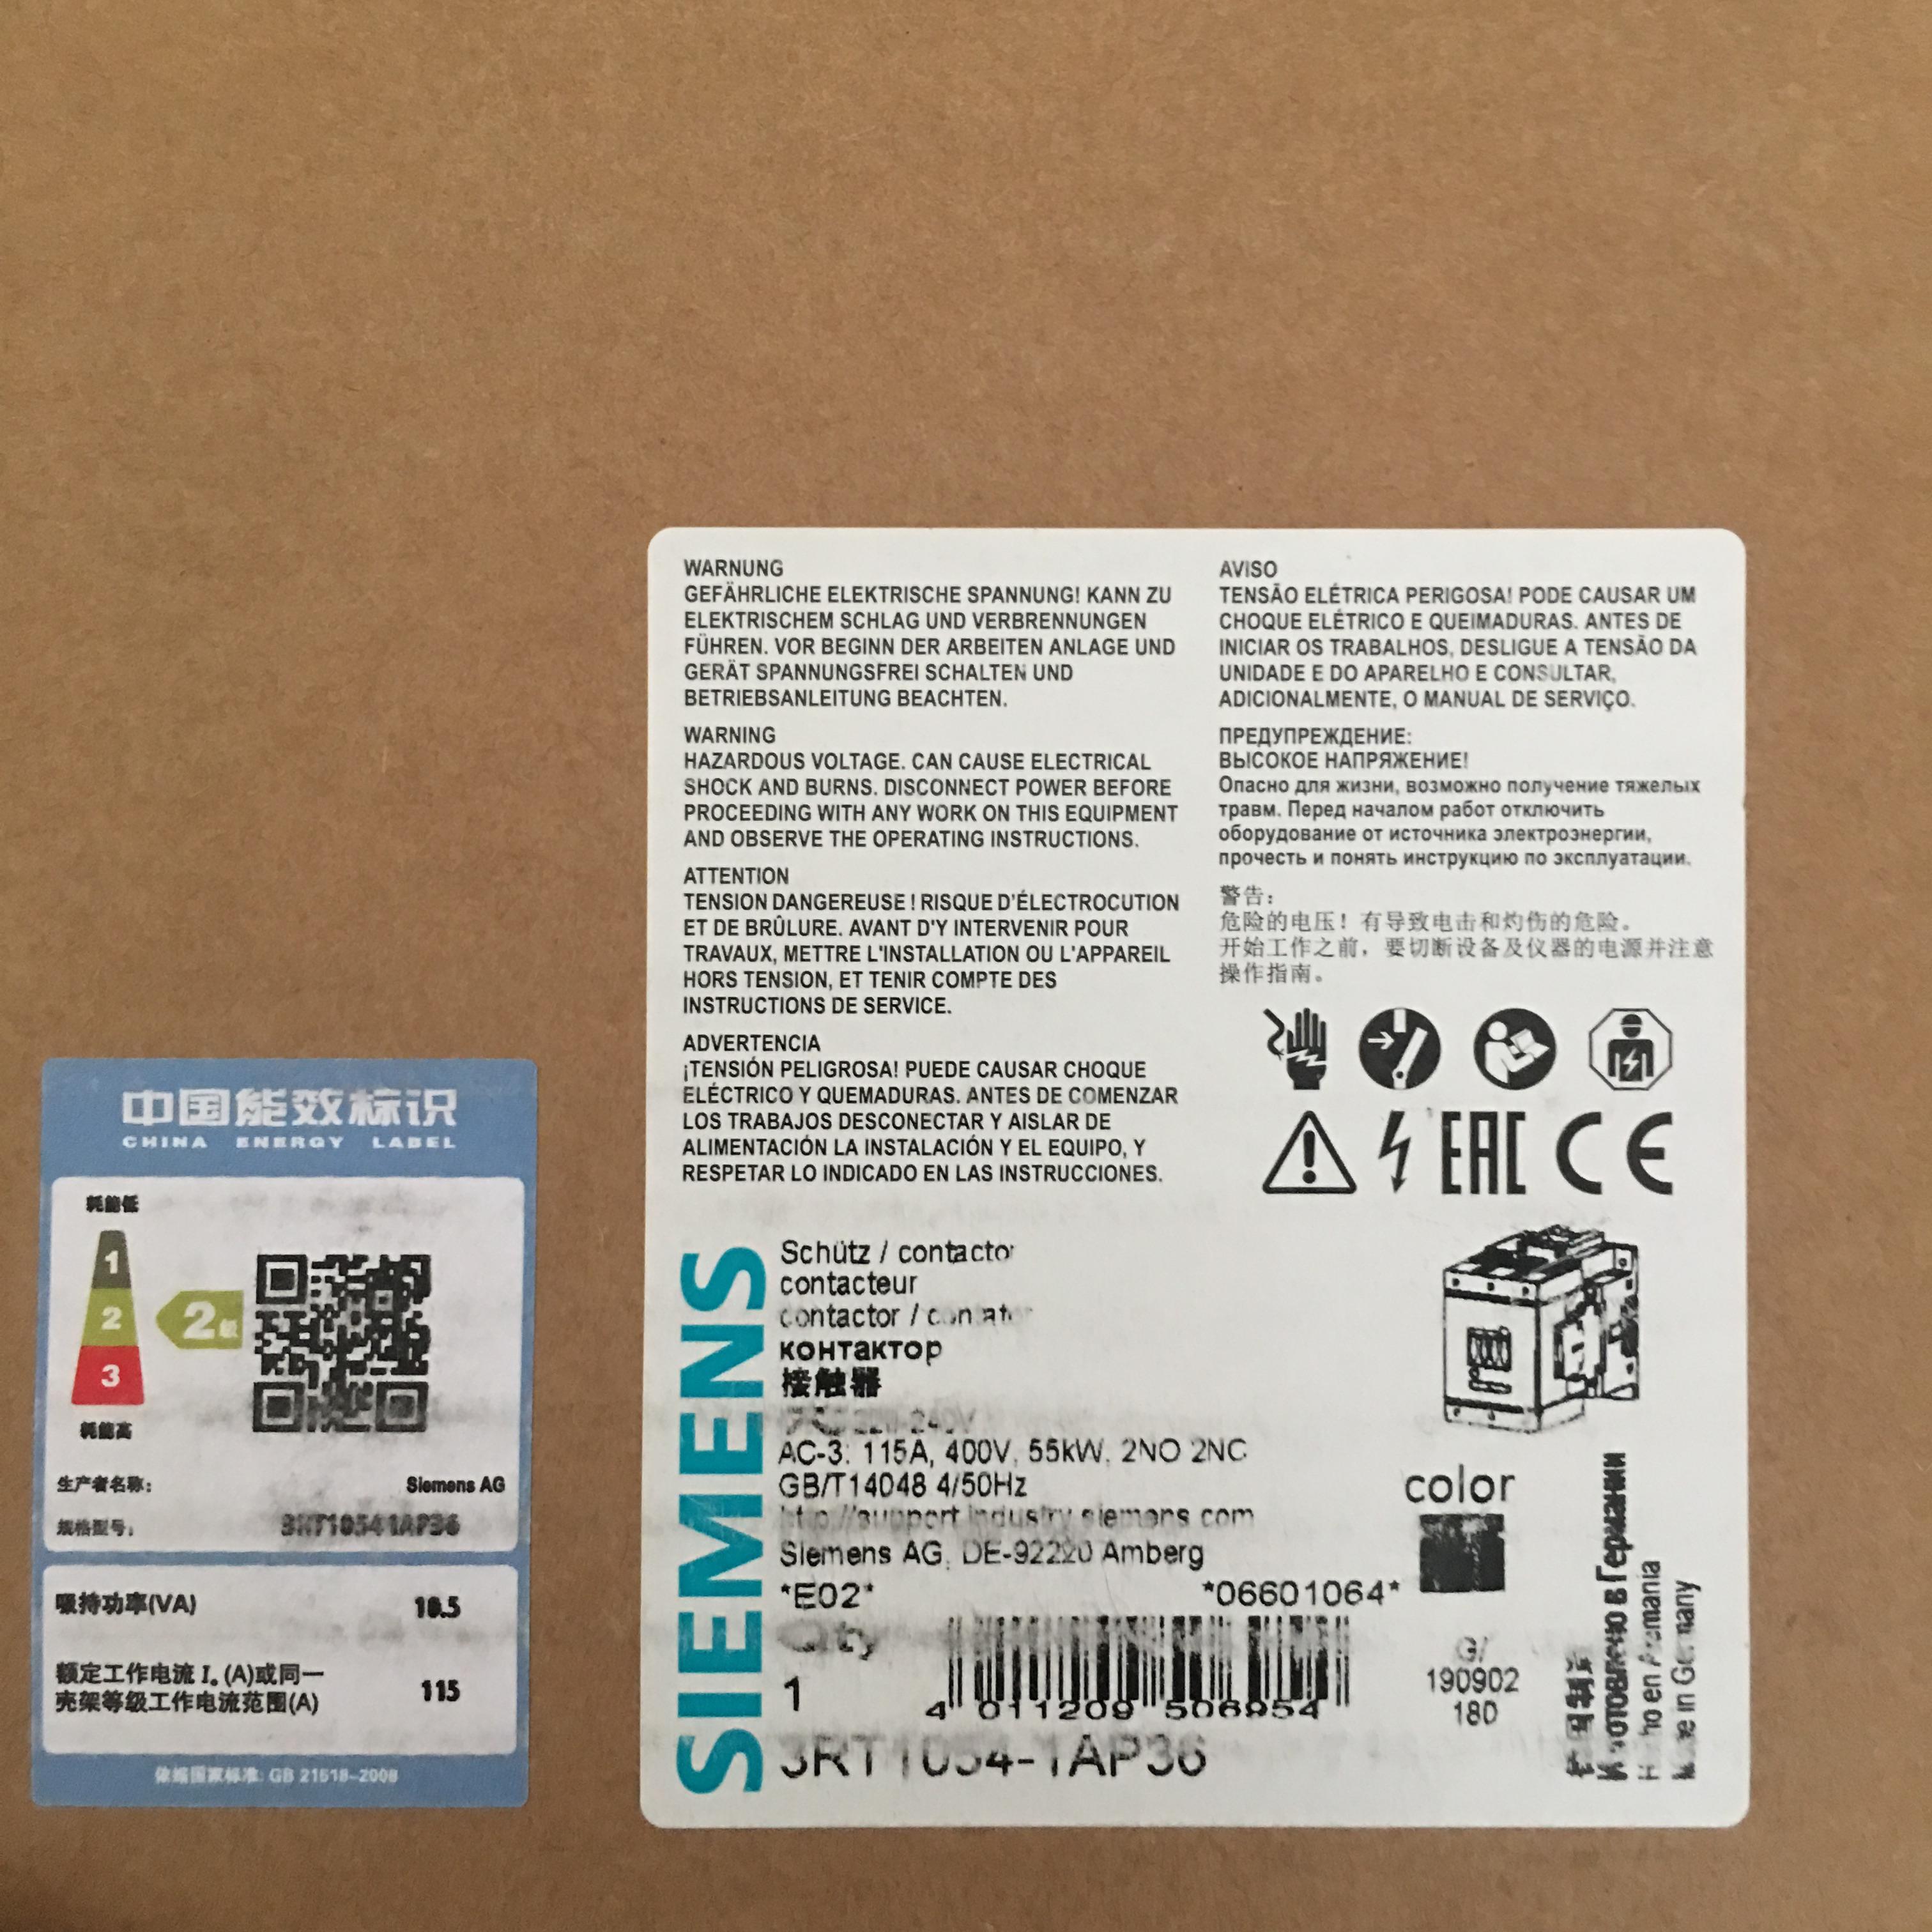 西门子接触器3RT1054-1AP36